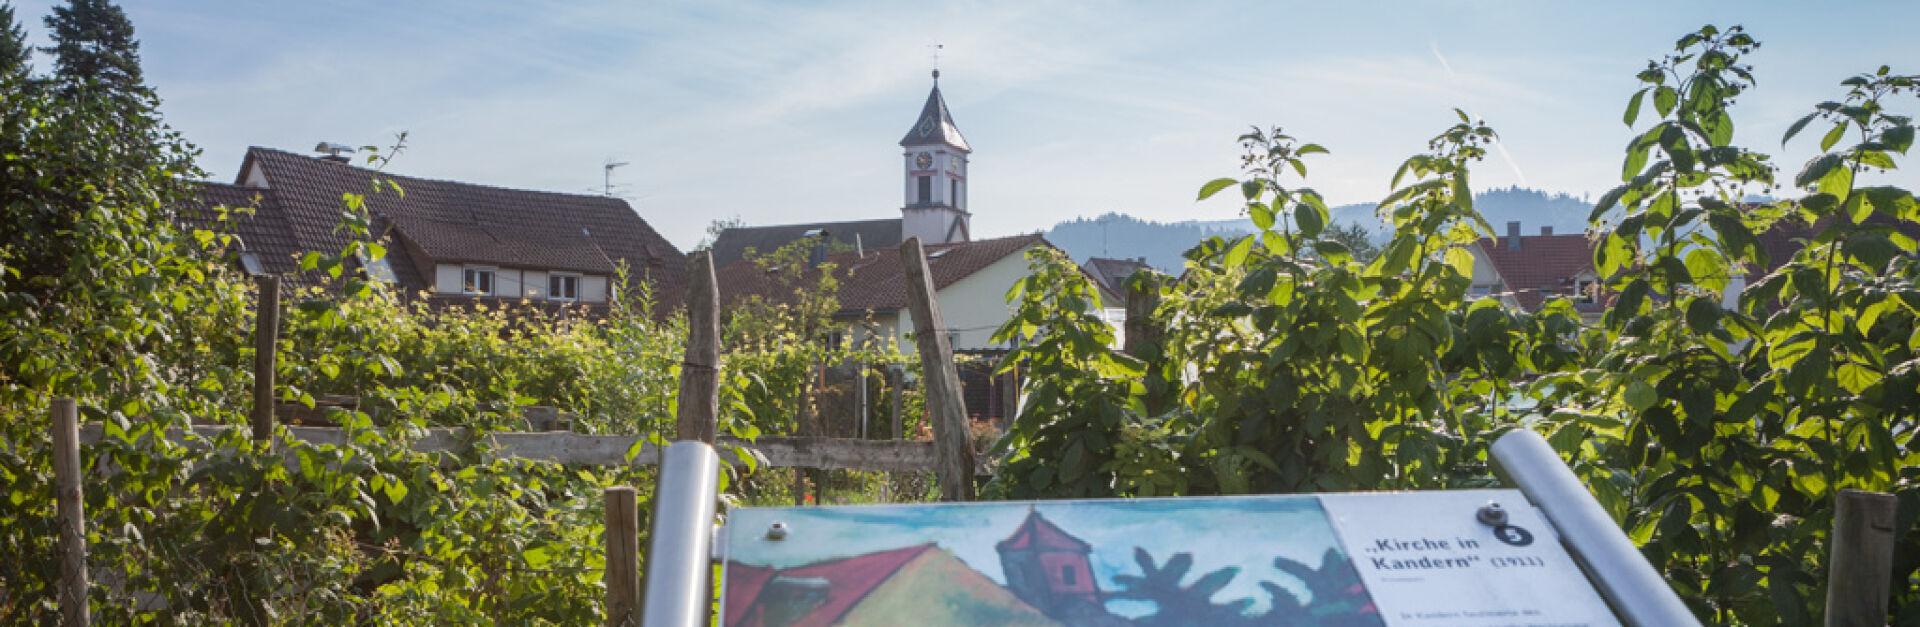 In den Gärten / Kirche